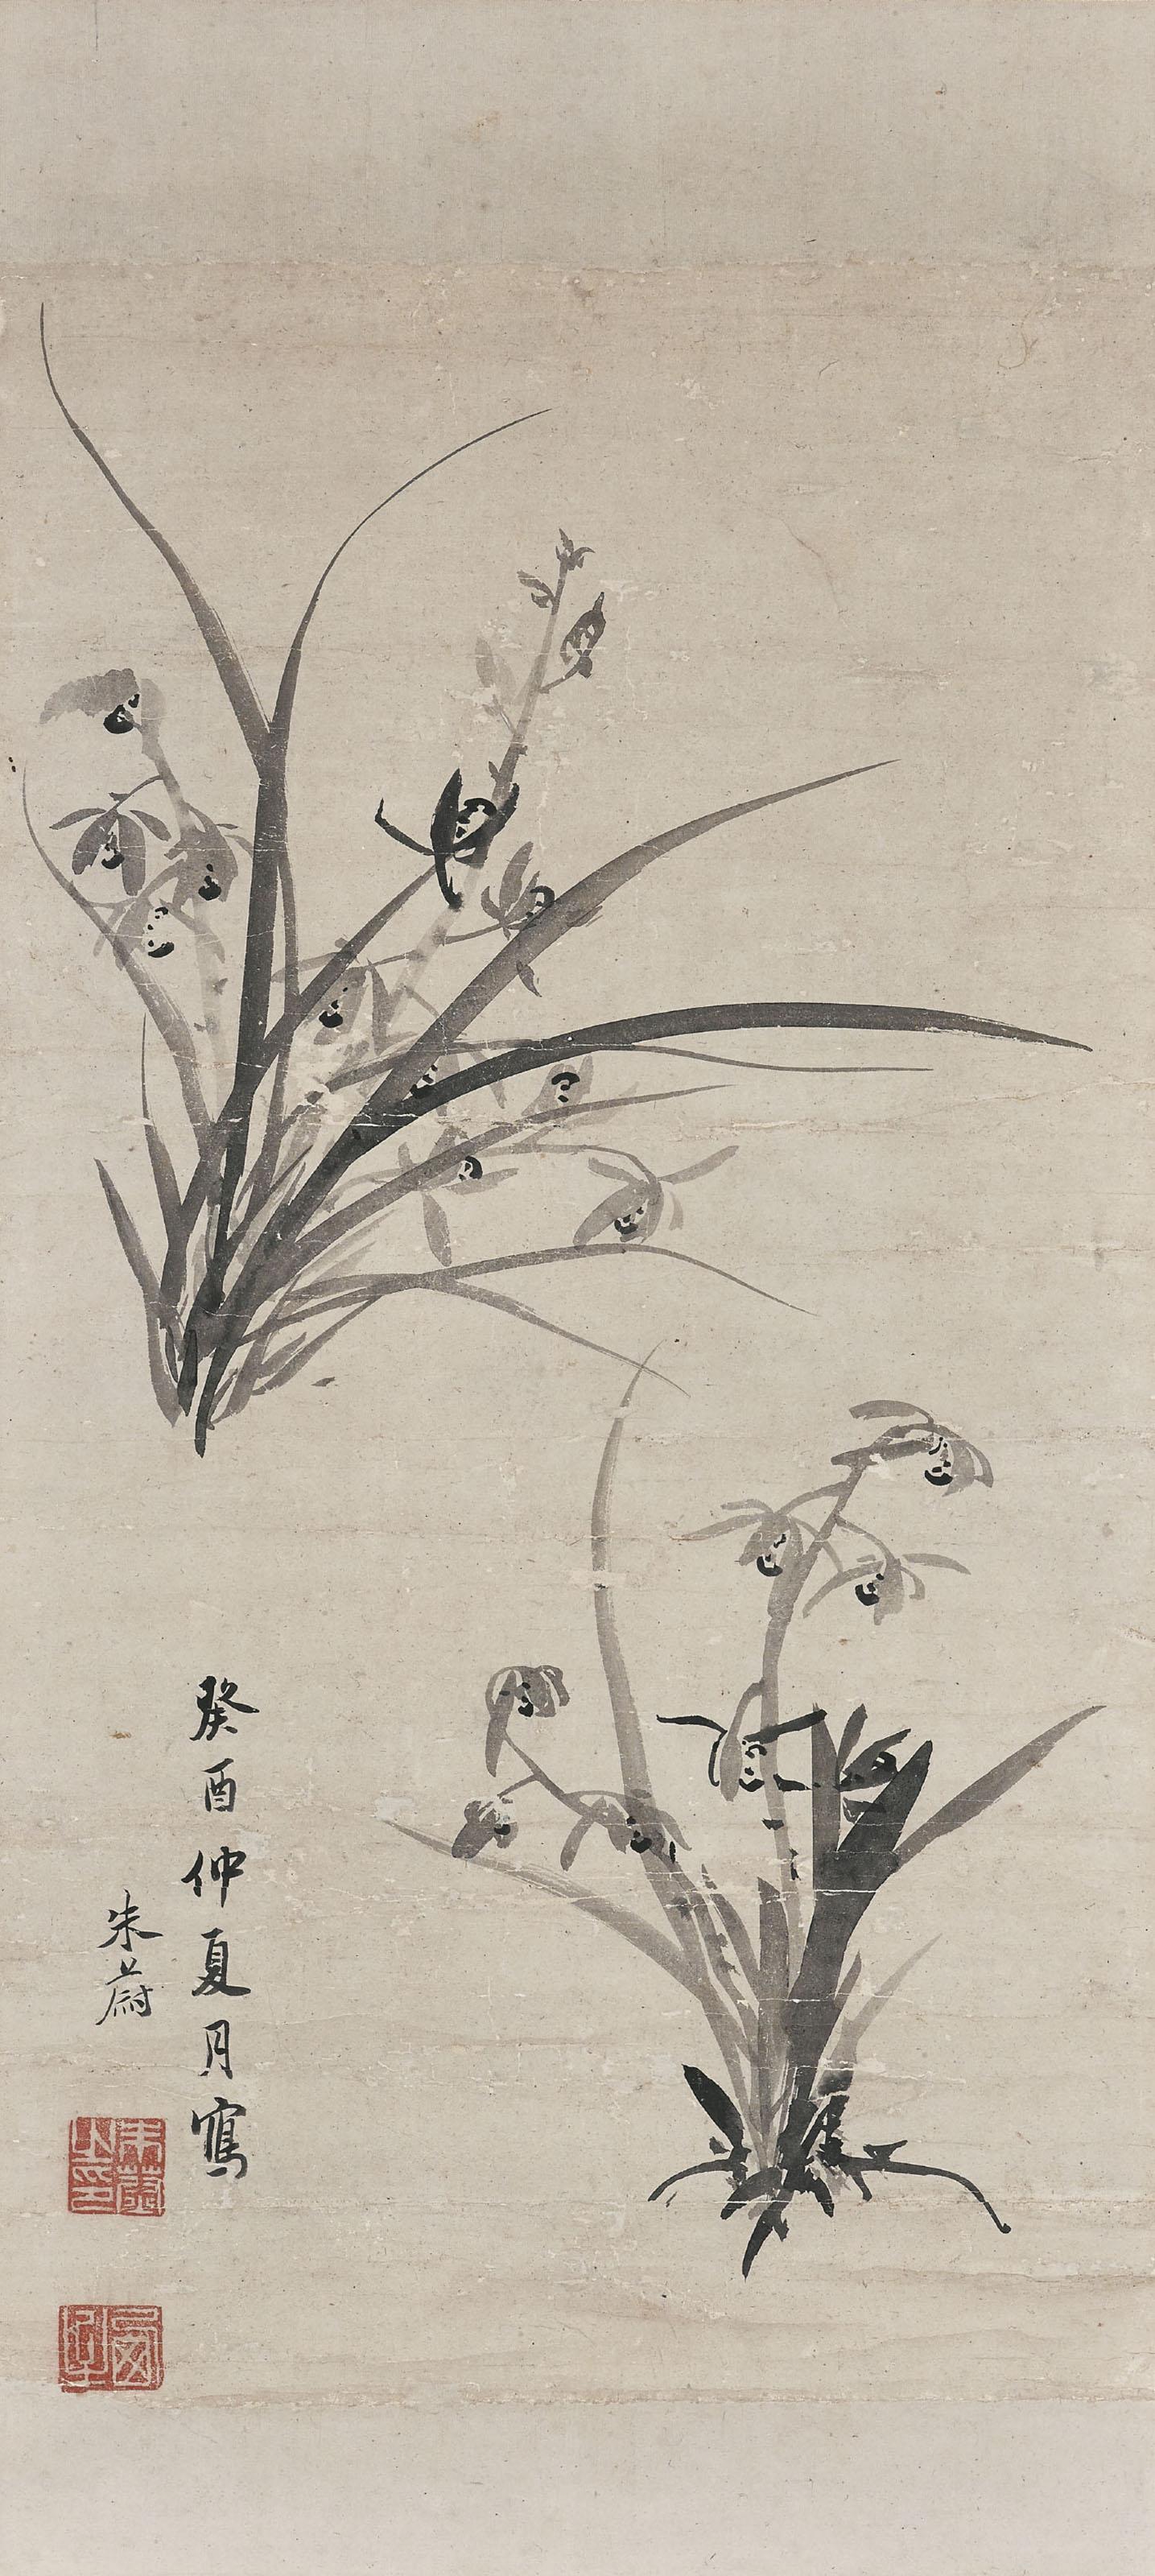 ZHU WEI (16TH-17TH CENTURY)